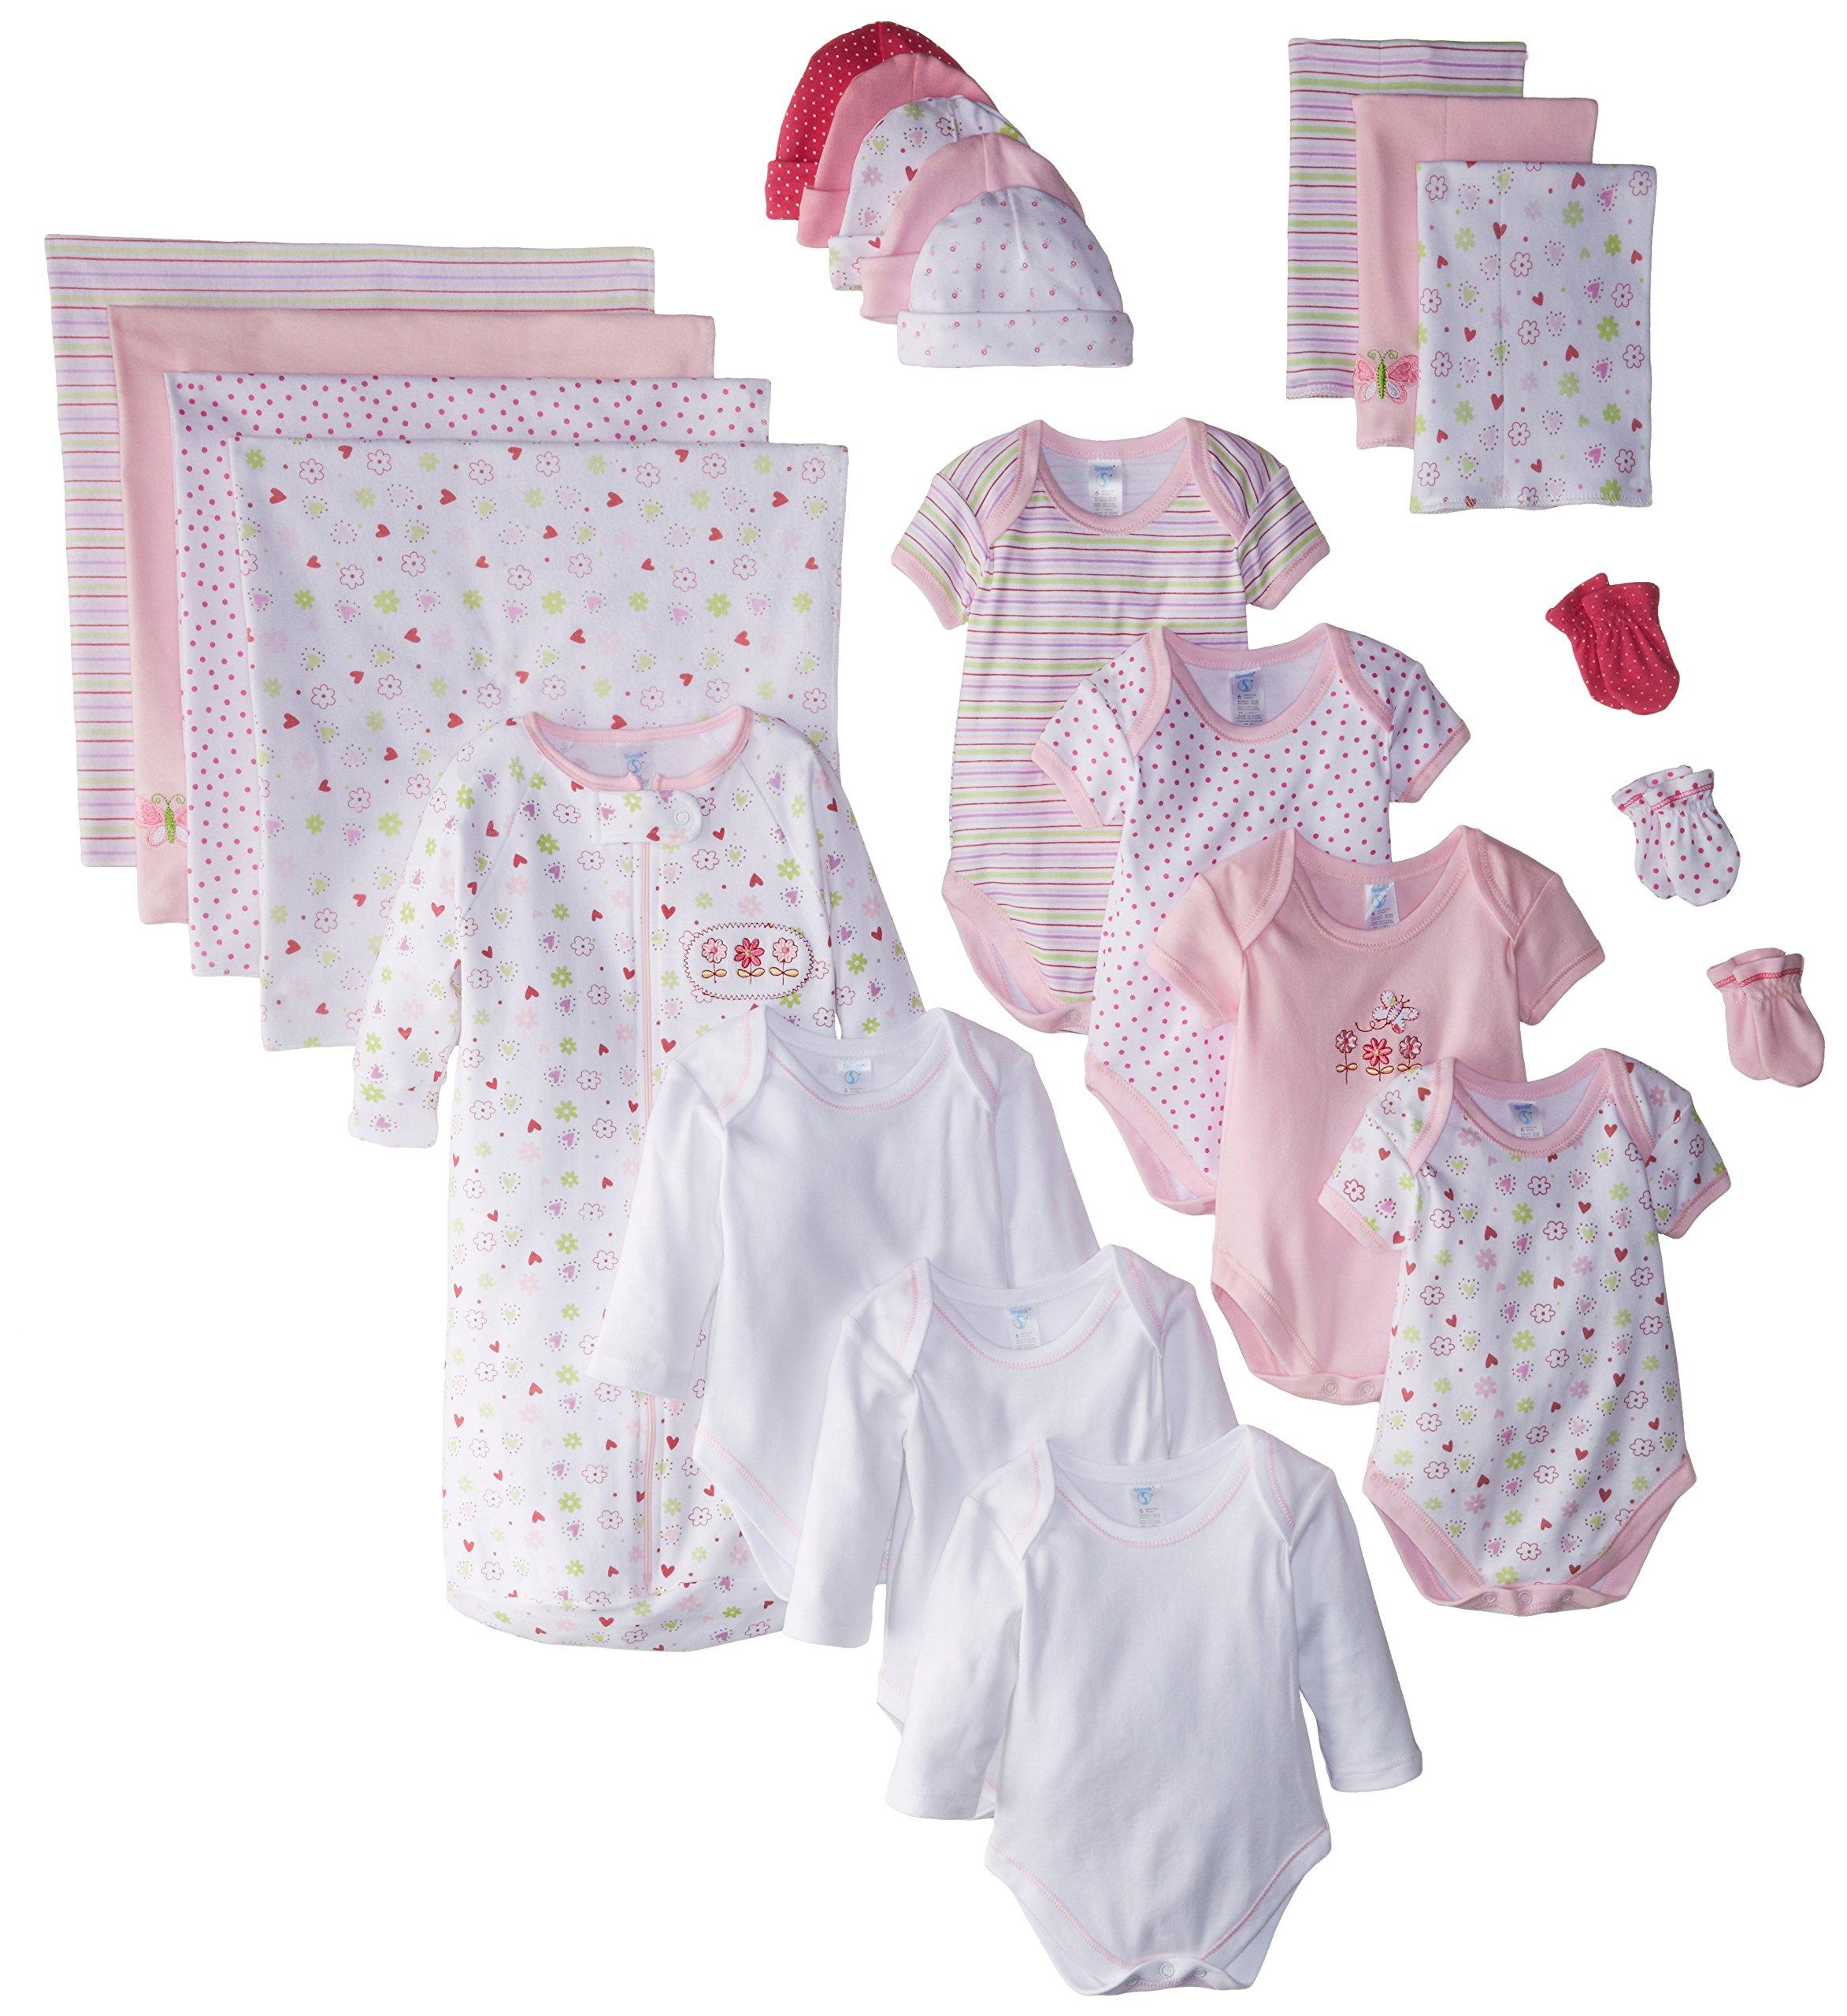 SpaSilk Essential Newborn Baby Layette Set - 0-6 Months - Pink Girl, Set of 23